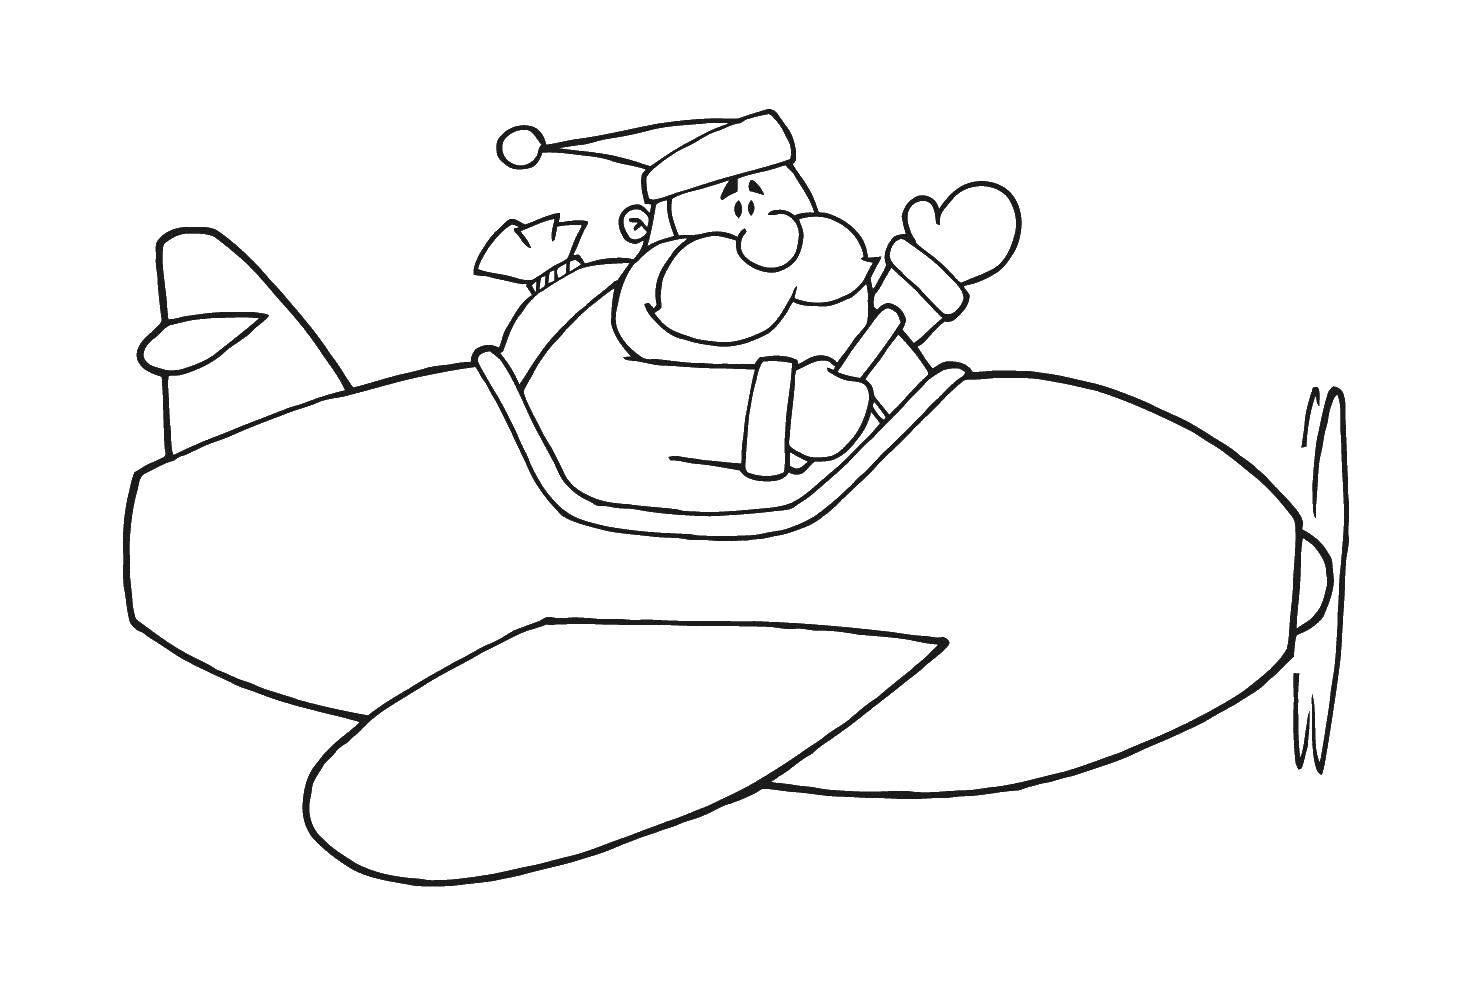 Название: Раскраска Дед мороз и самолет. Категория: Самолеты. Теги: самолет, дед мороз, мешок.